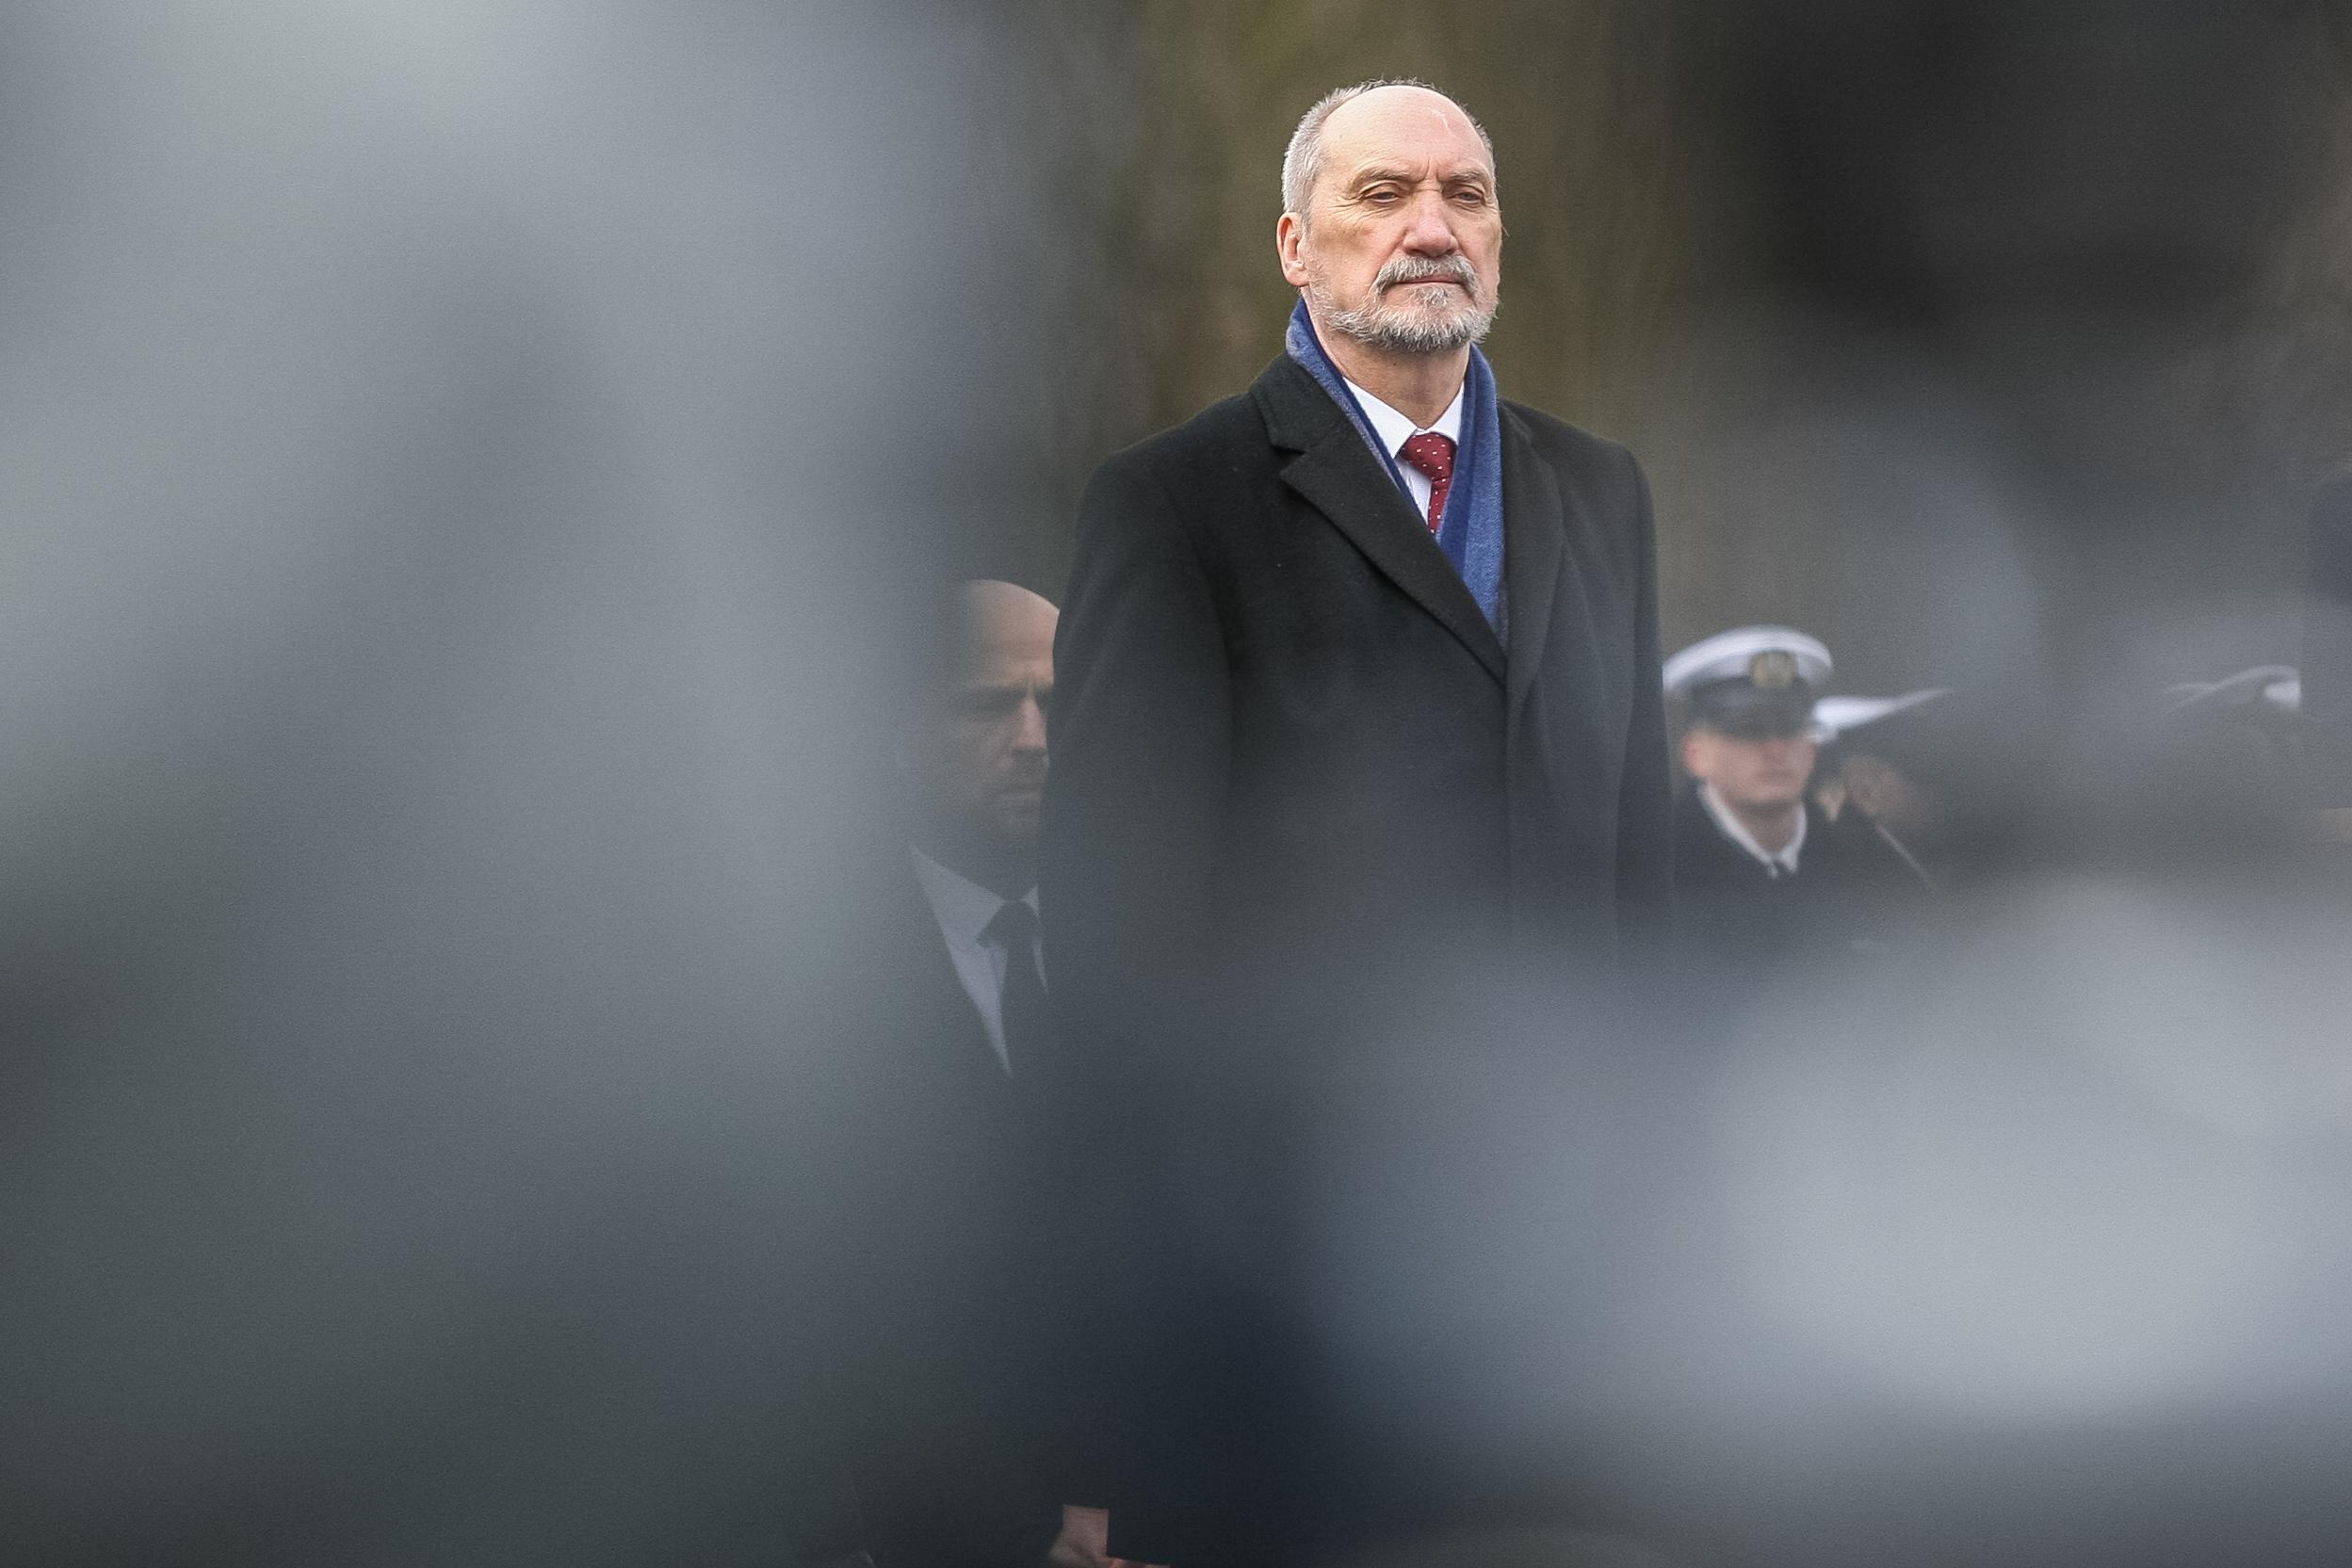 Brutális tisztogatást rendezett a lengyel kormány a hadsereg élén